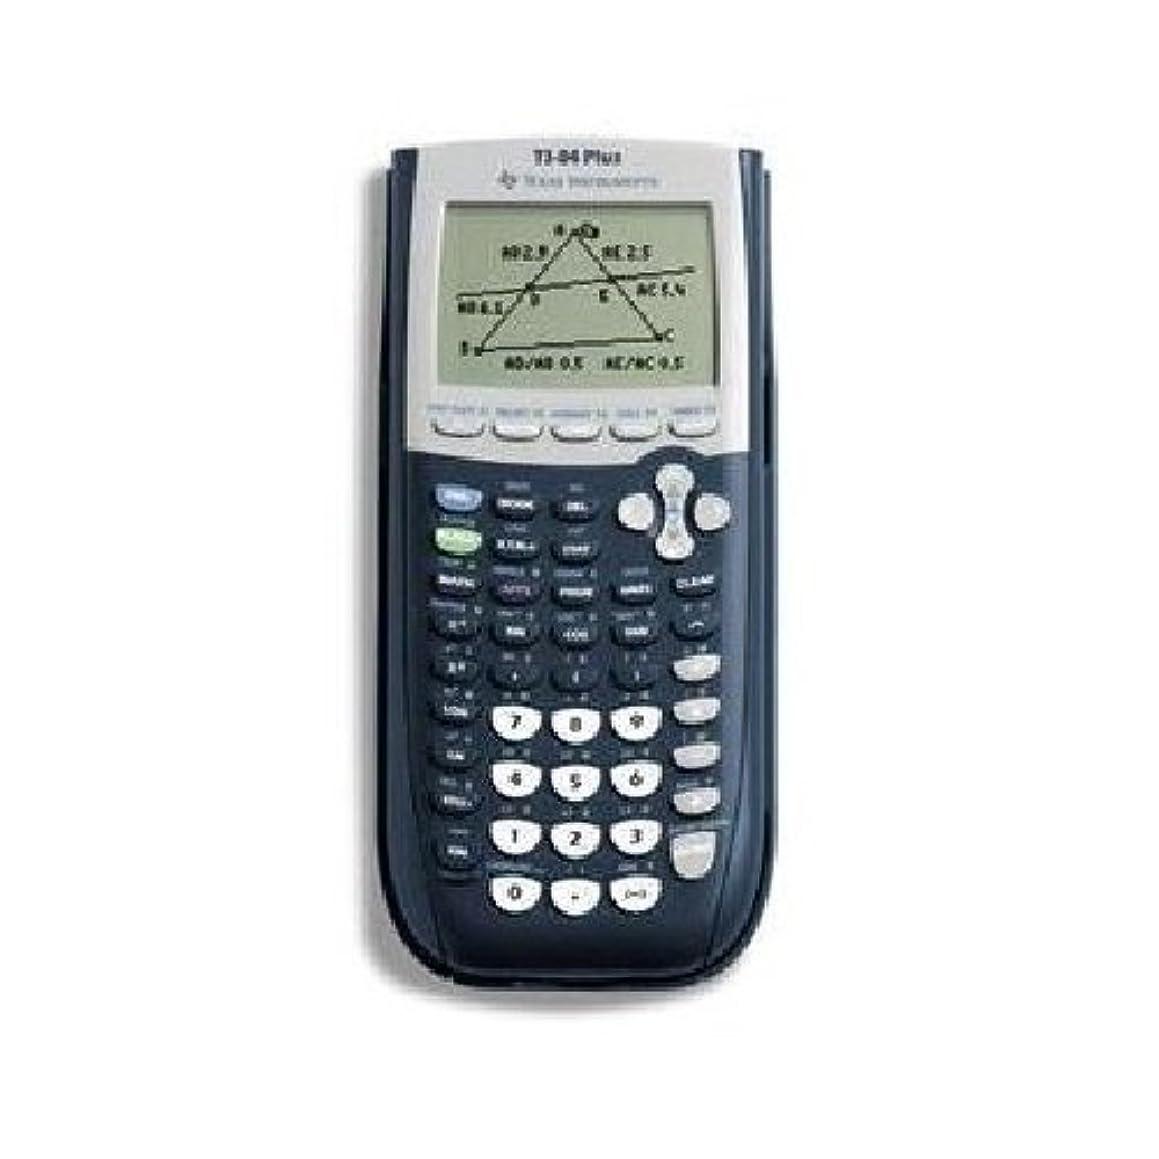 咲くバンケットジョージエリオットTexas Instruments 84PL/TBL/1L1/A TI-84 Plus Graphics Calculator by Texas Instruments